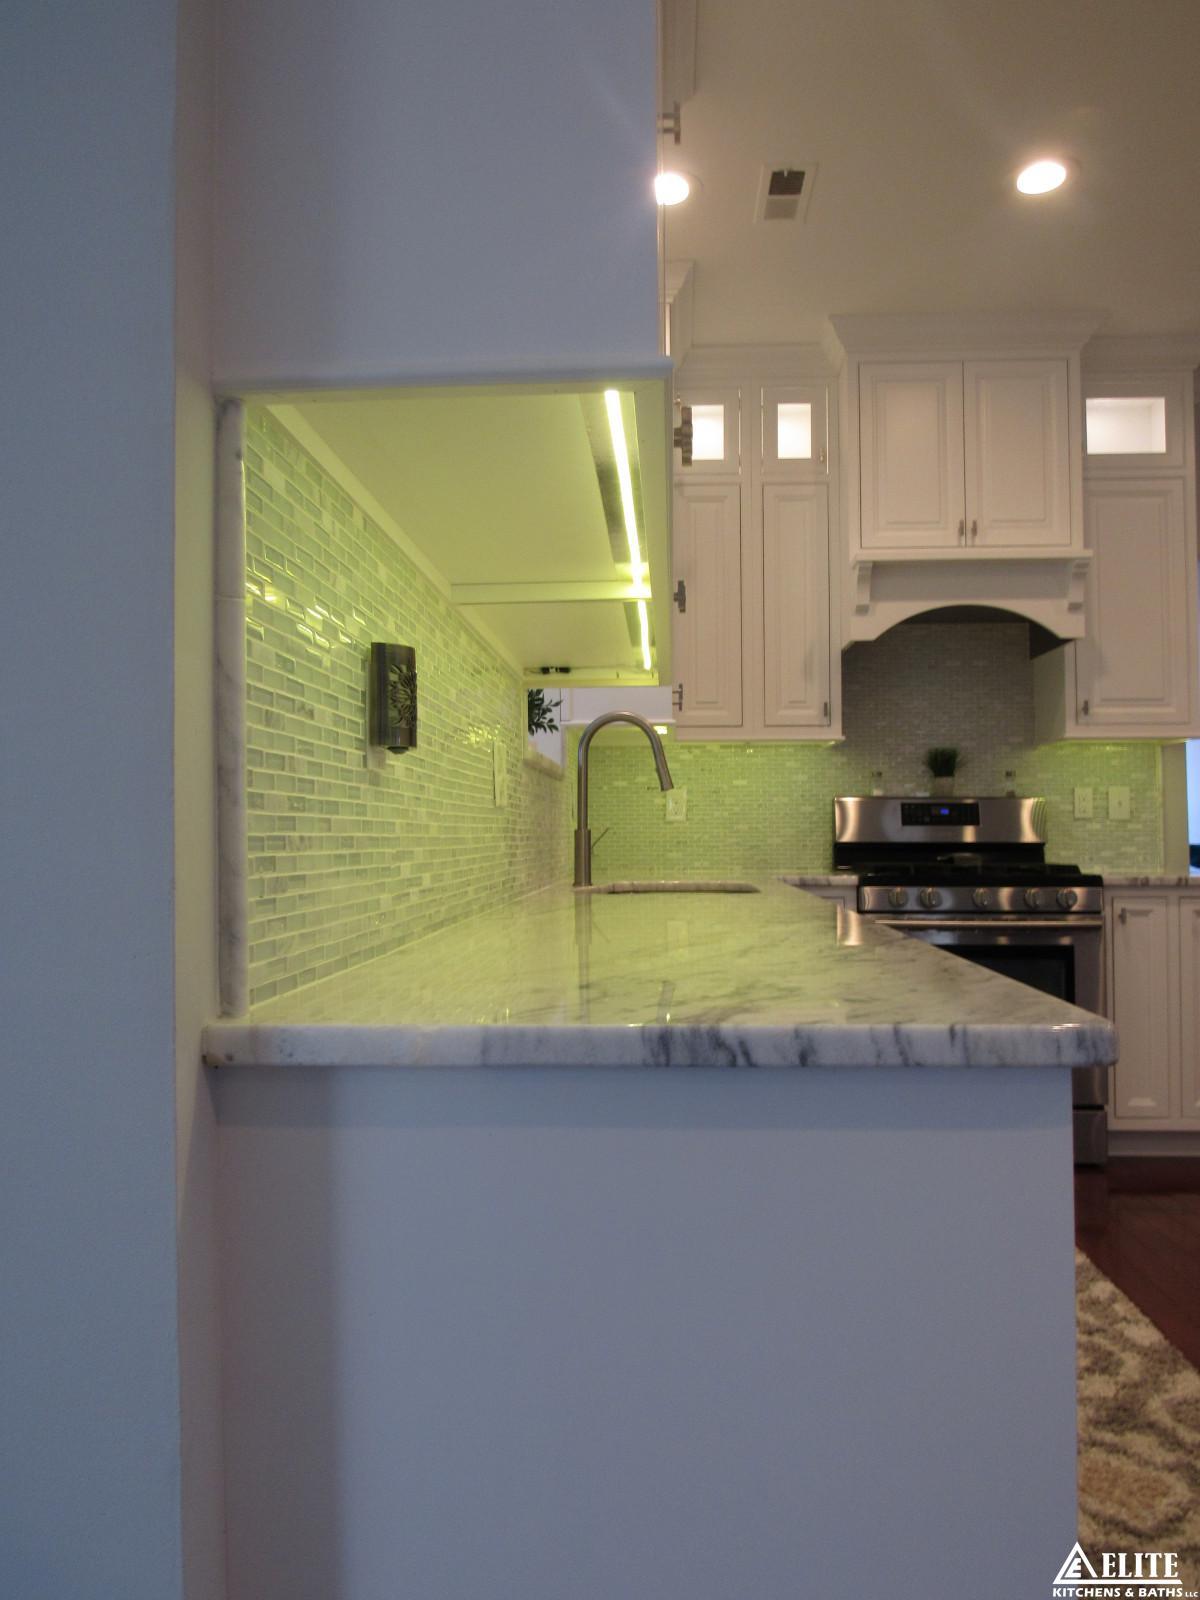 Kitchens 69